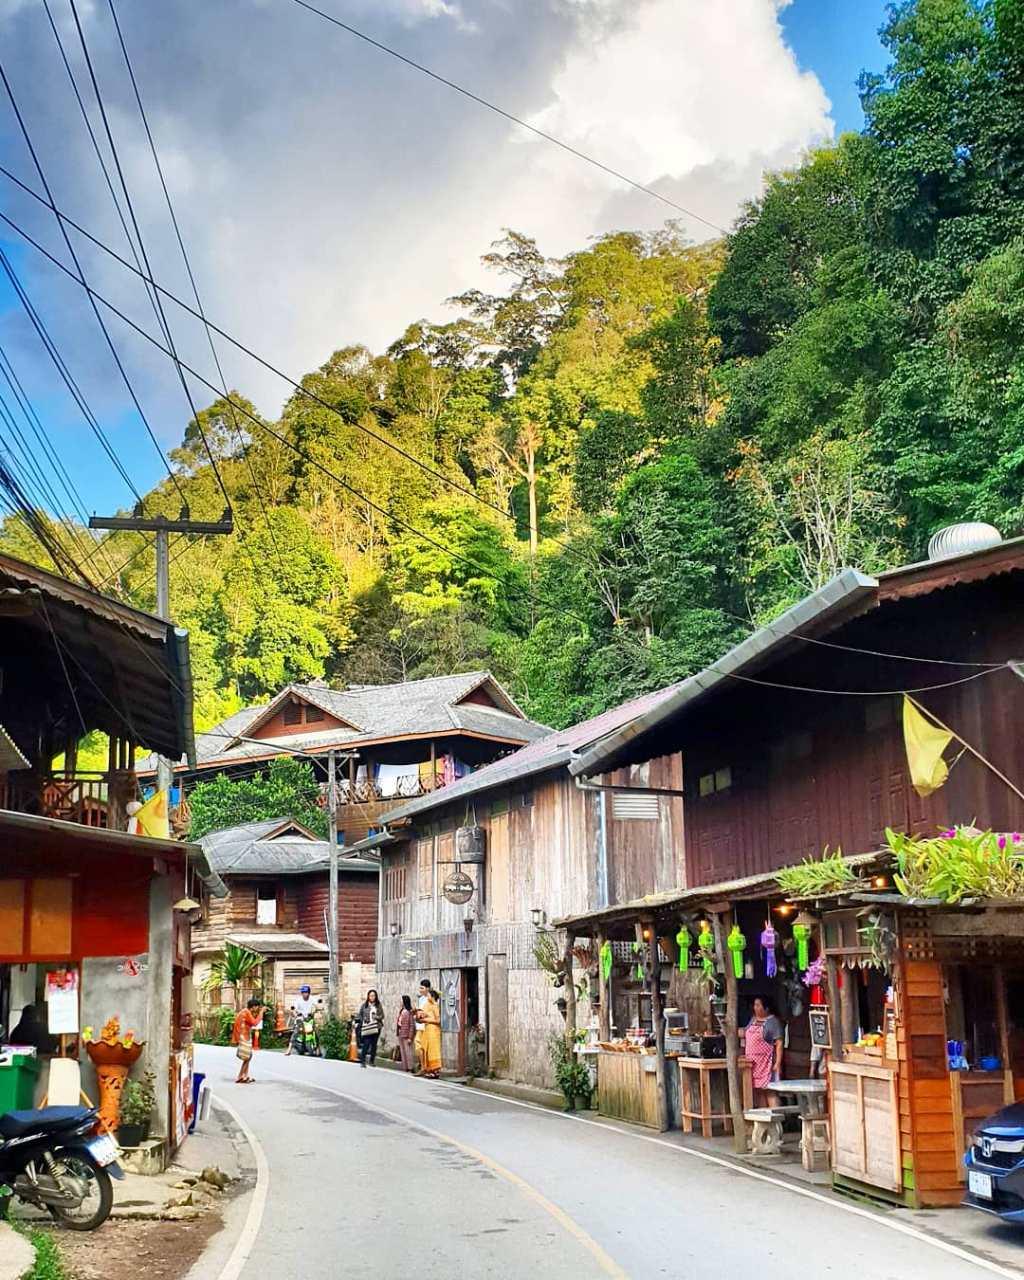 Mae Kham Pong een klein dorpje vlakbij Chiang Mai in Thailand